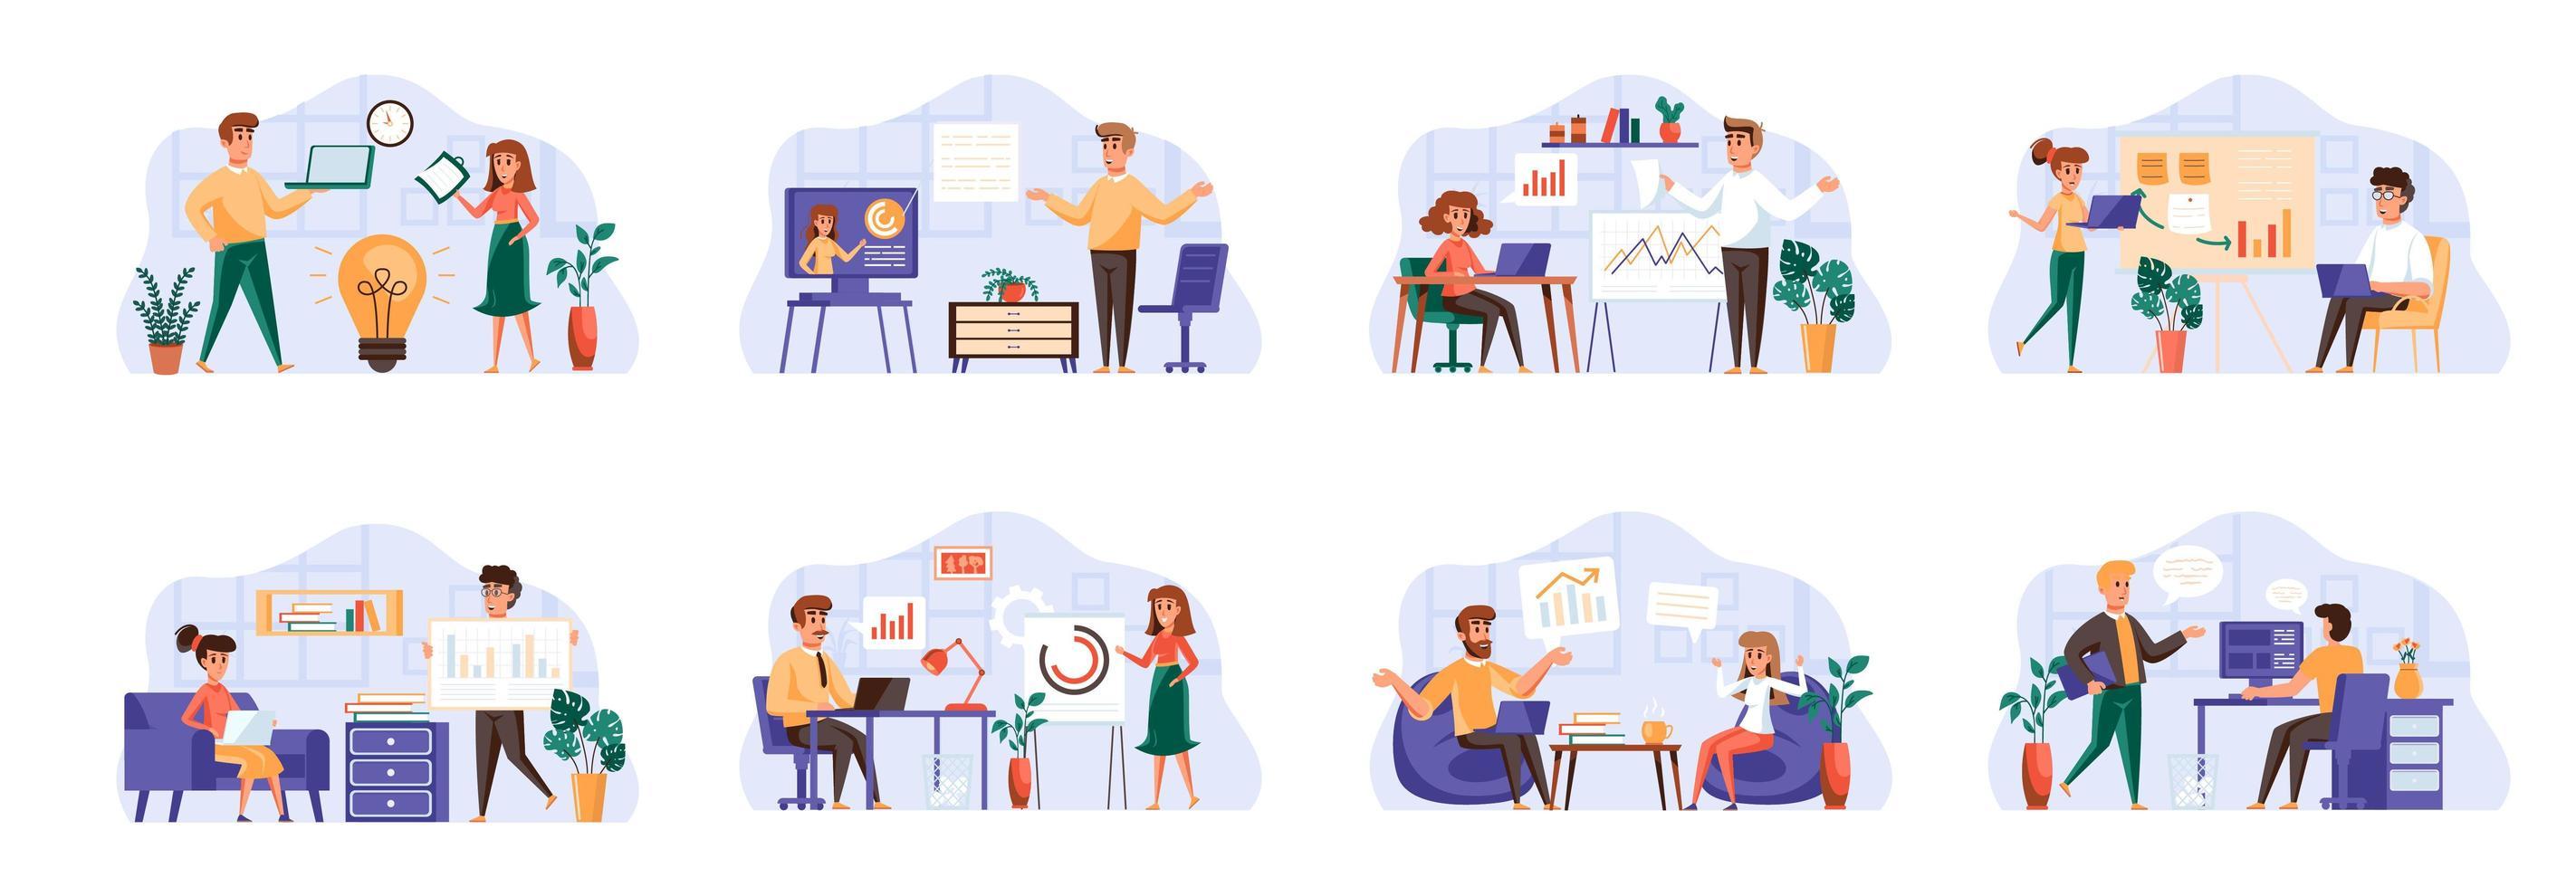 as cenas de reuniões de negócios combinam com personagens de pessoas. vetor